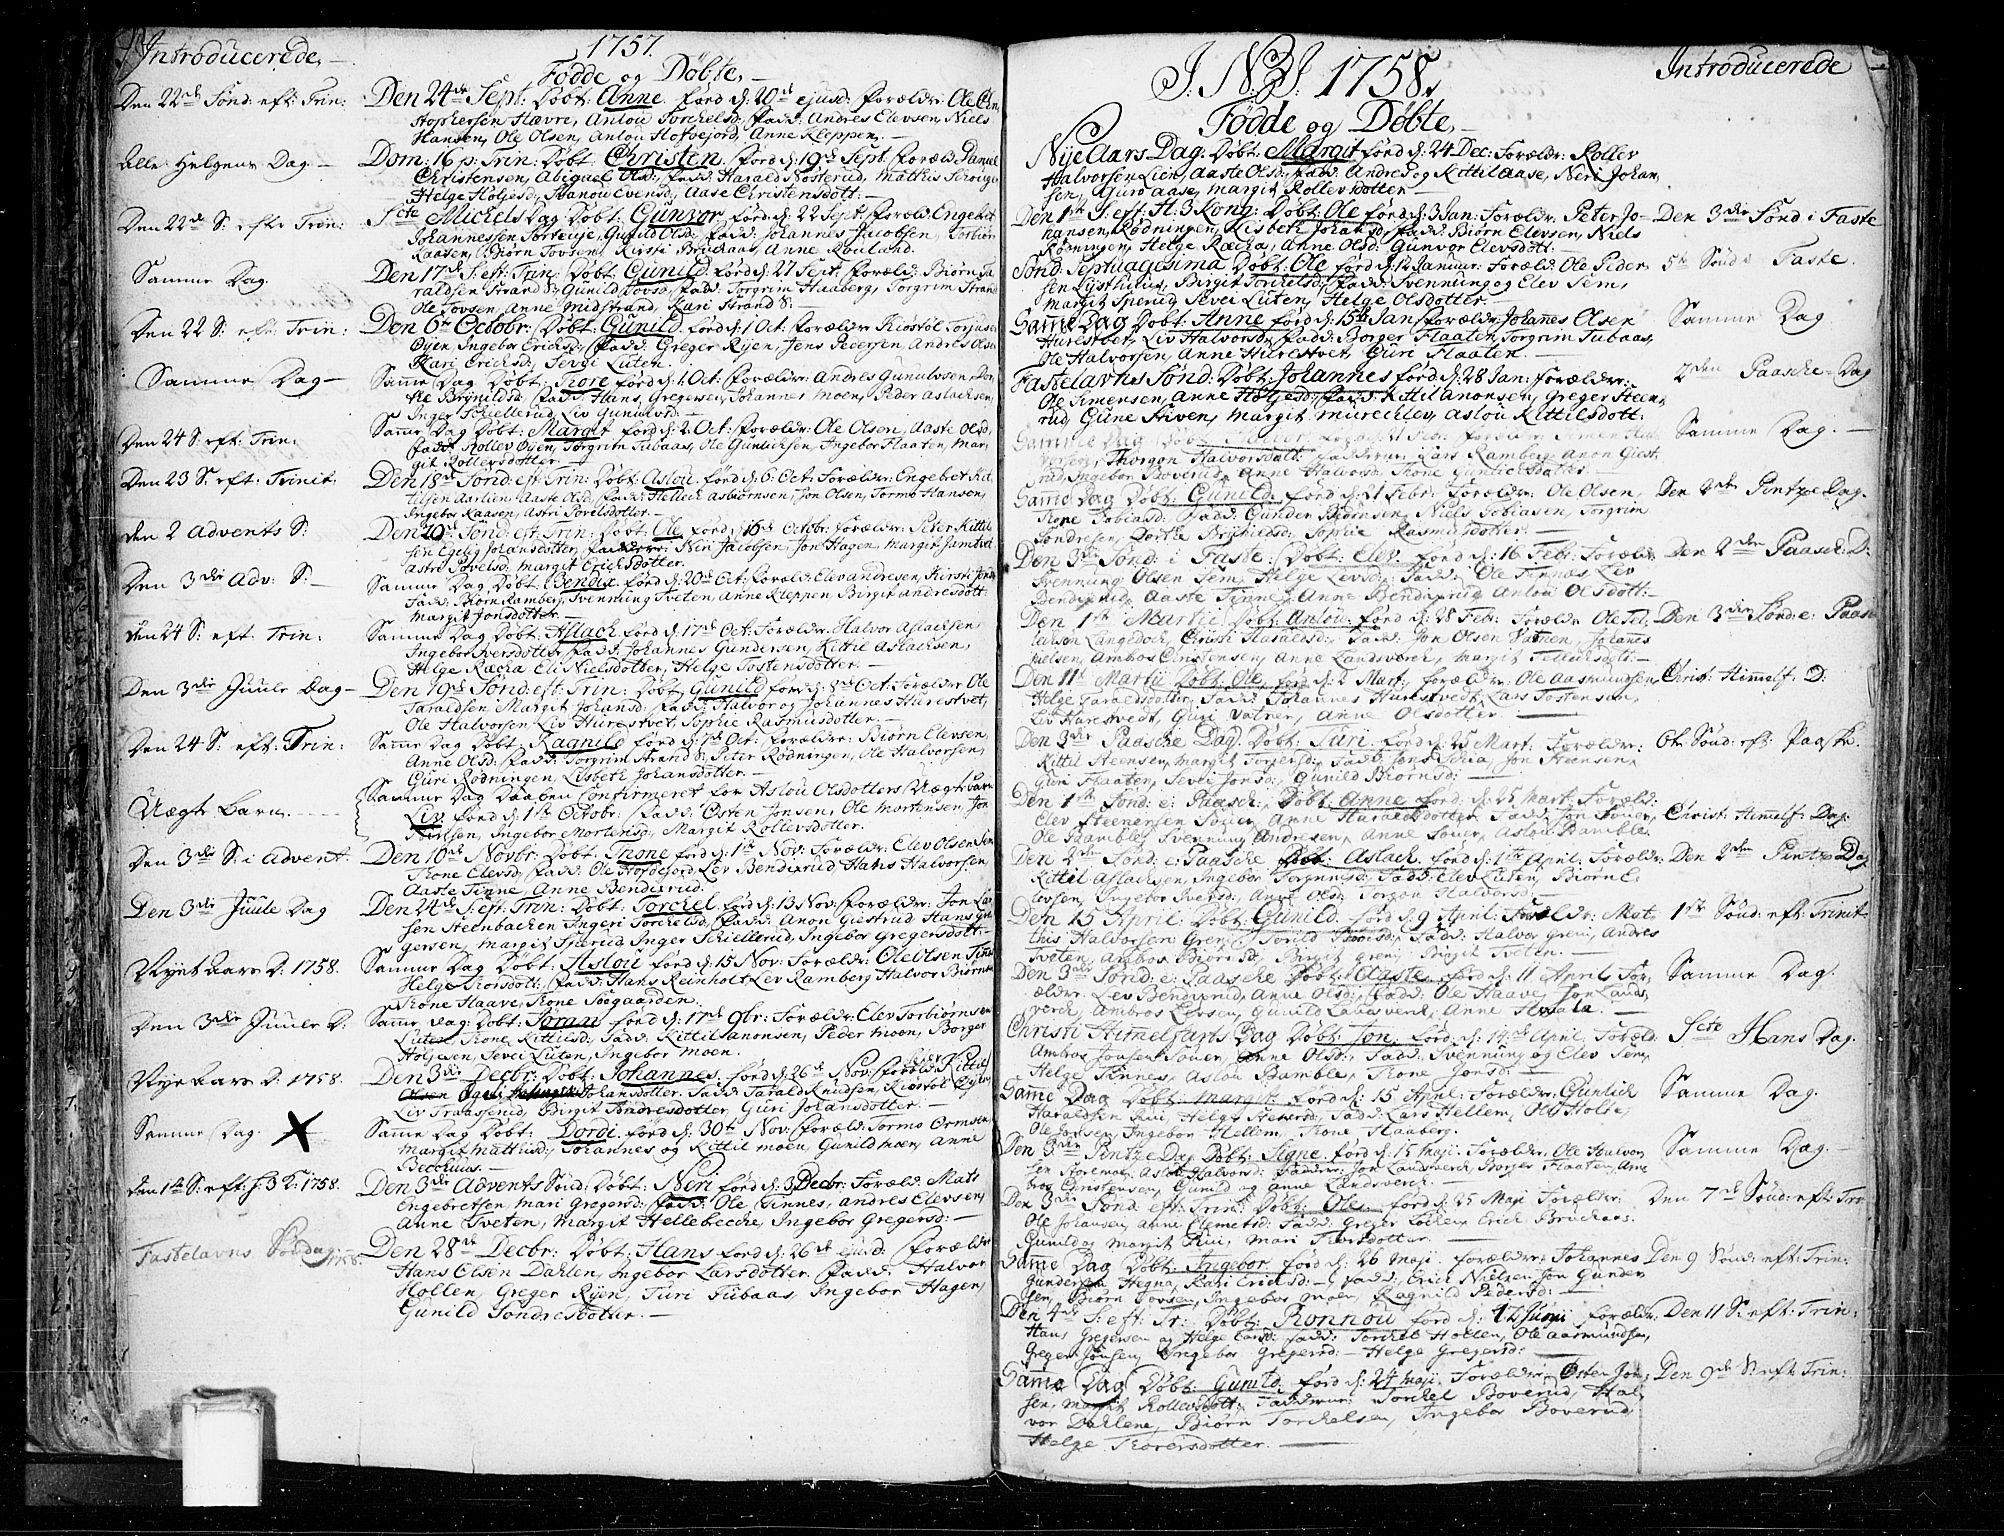 SAKO, Heddal kirkebøker, F/Fa/L0003: Ministerialbok nr. I 3, 1723-1783, s. 80